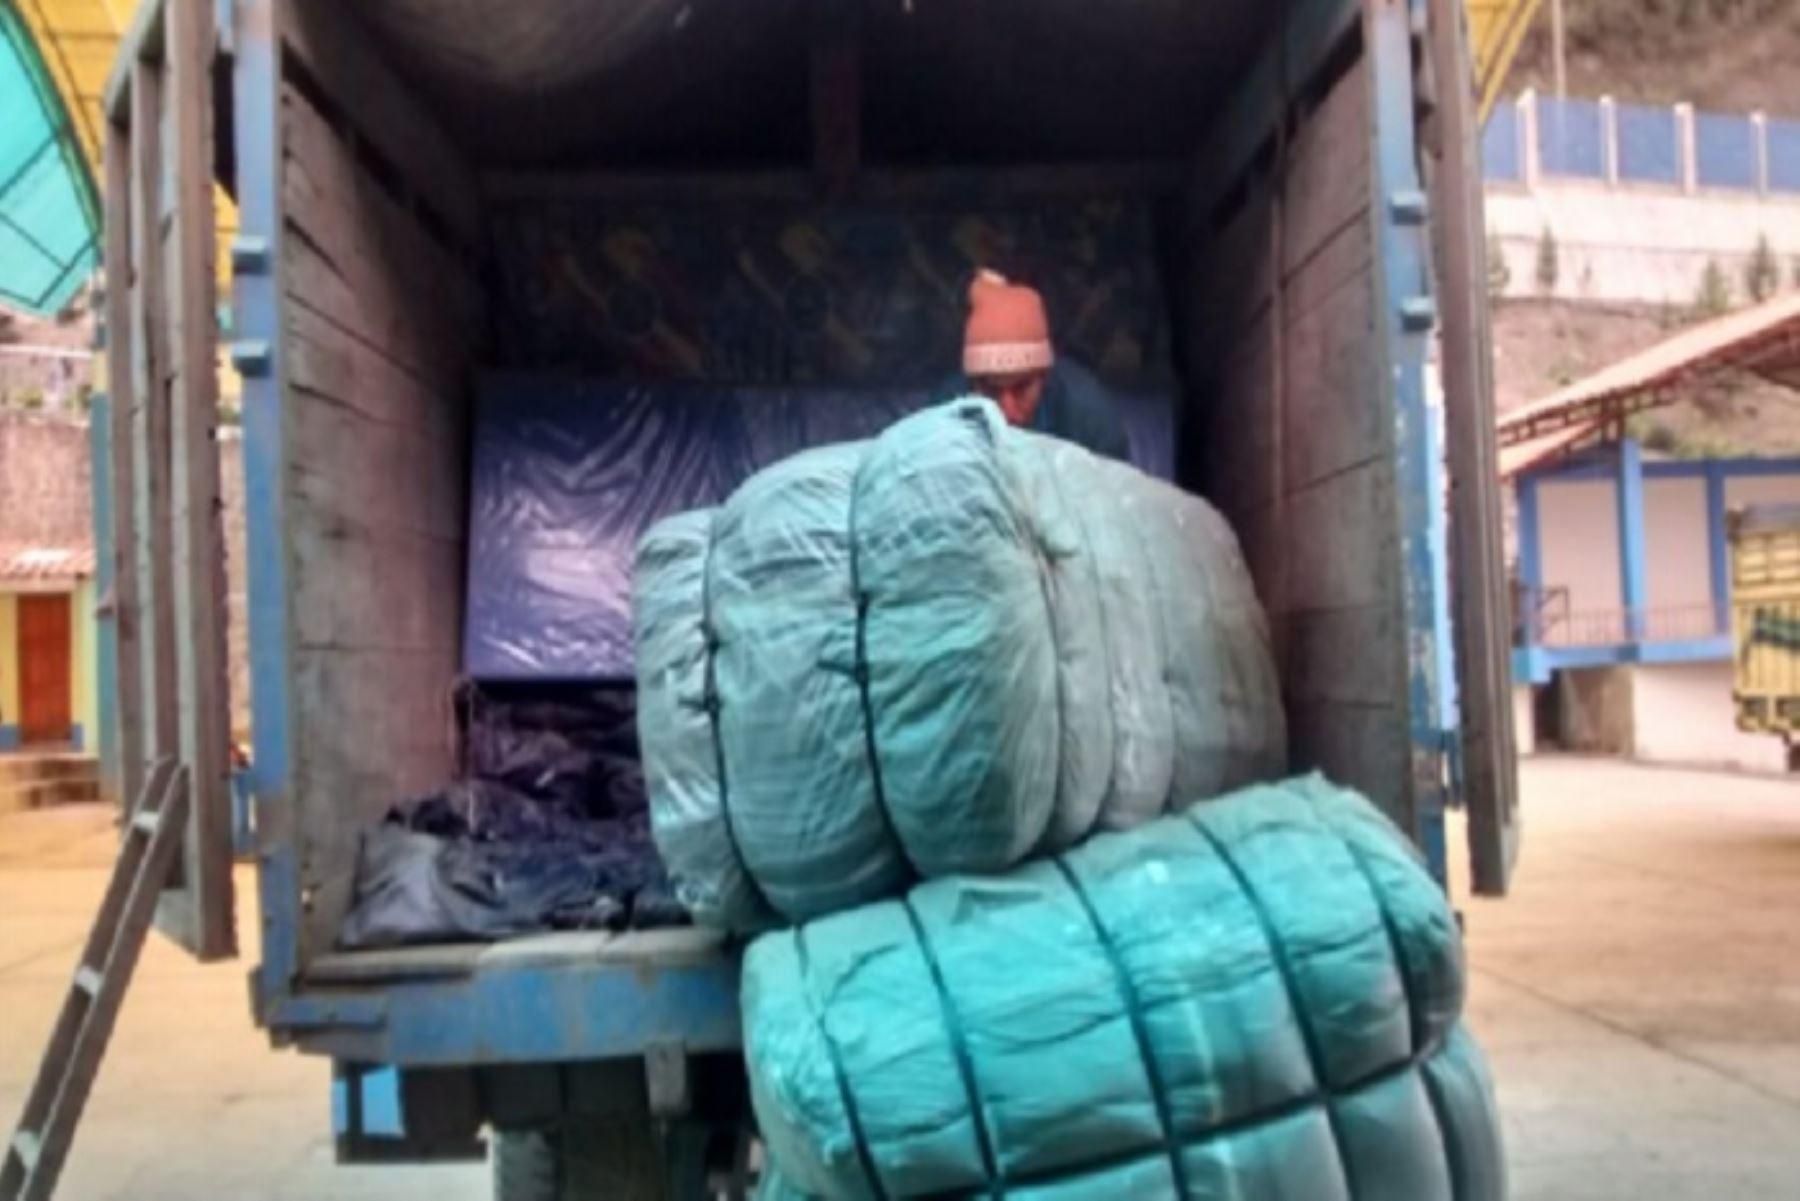 Damnificados y afectados por el huaico registrado el fin de semana en el distrito de Challabamba, provincia de Paucartambo, en la región Cusco, recibieron carpas, camas, colchones, frazadas, entre otros bienes para superar la emergencia.